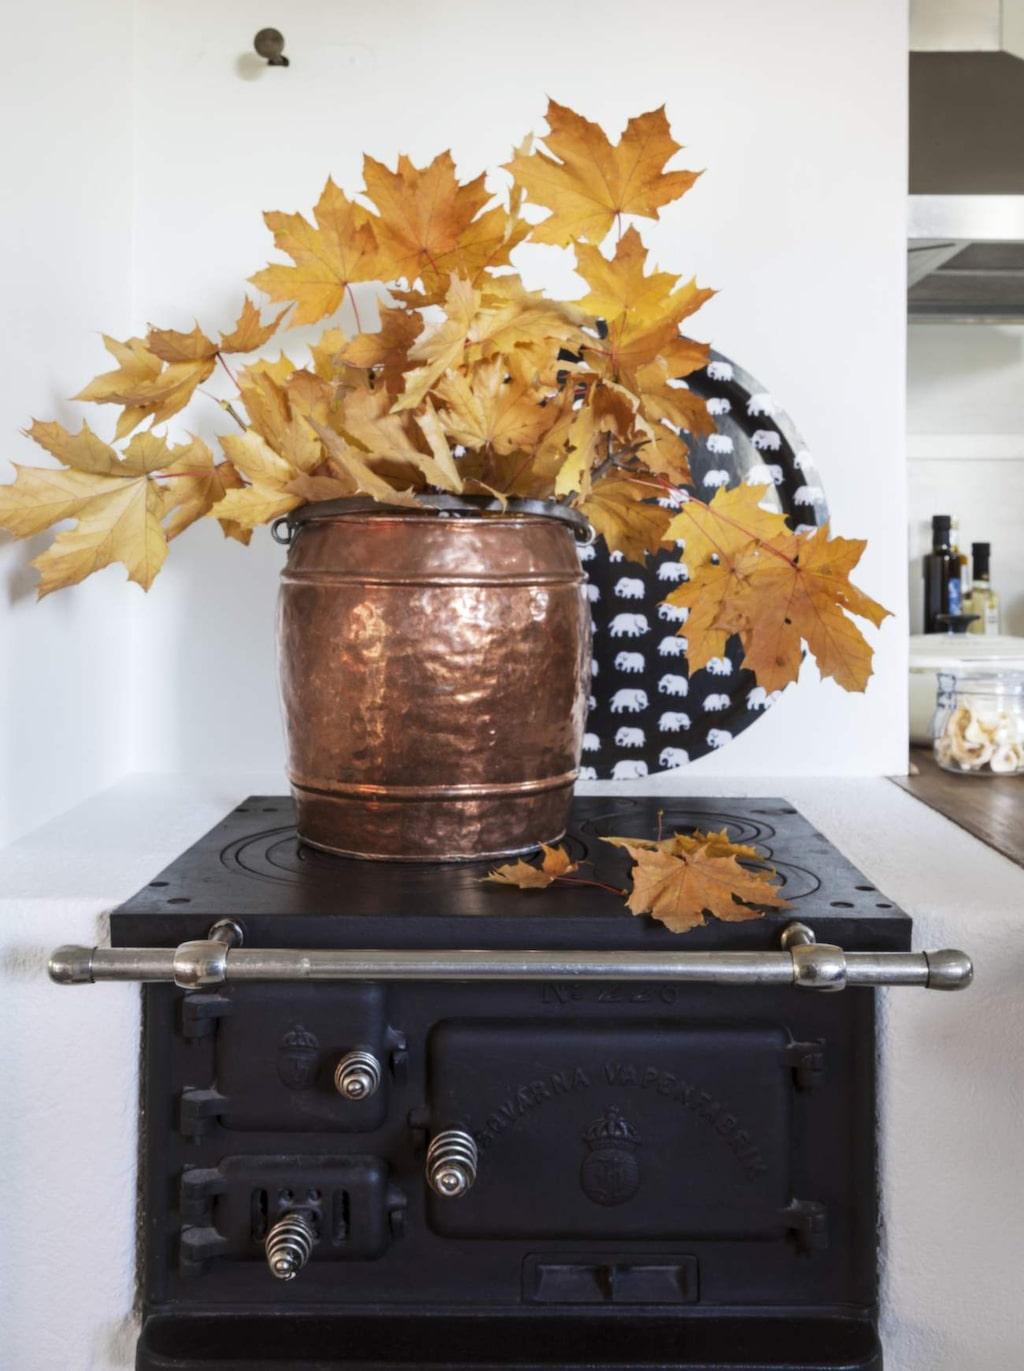 Vedspisen är original och stod tidigare i köket på ovanvåningen, men fick flytta ner när köket renoverades. Kopparhink från Jens föräldrahem, Bricka från Svenskt tenn.